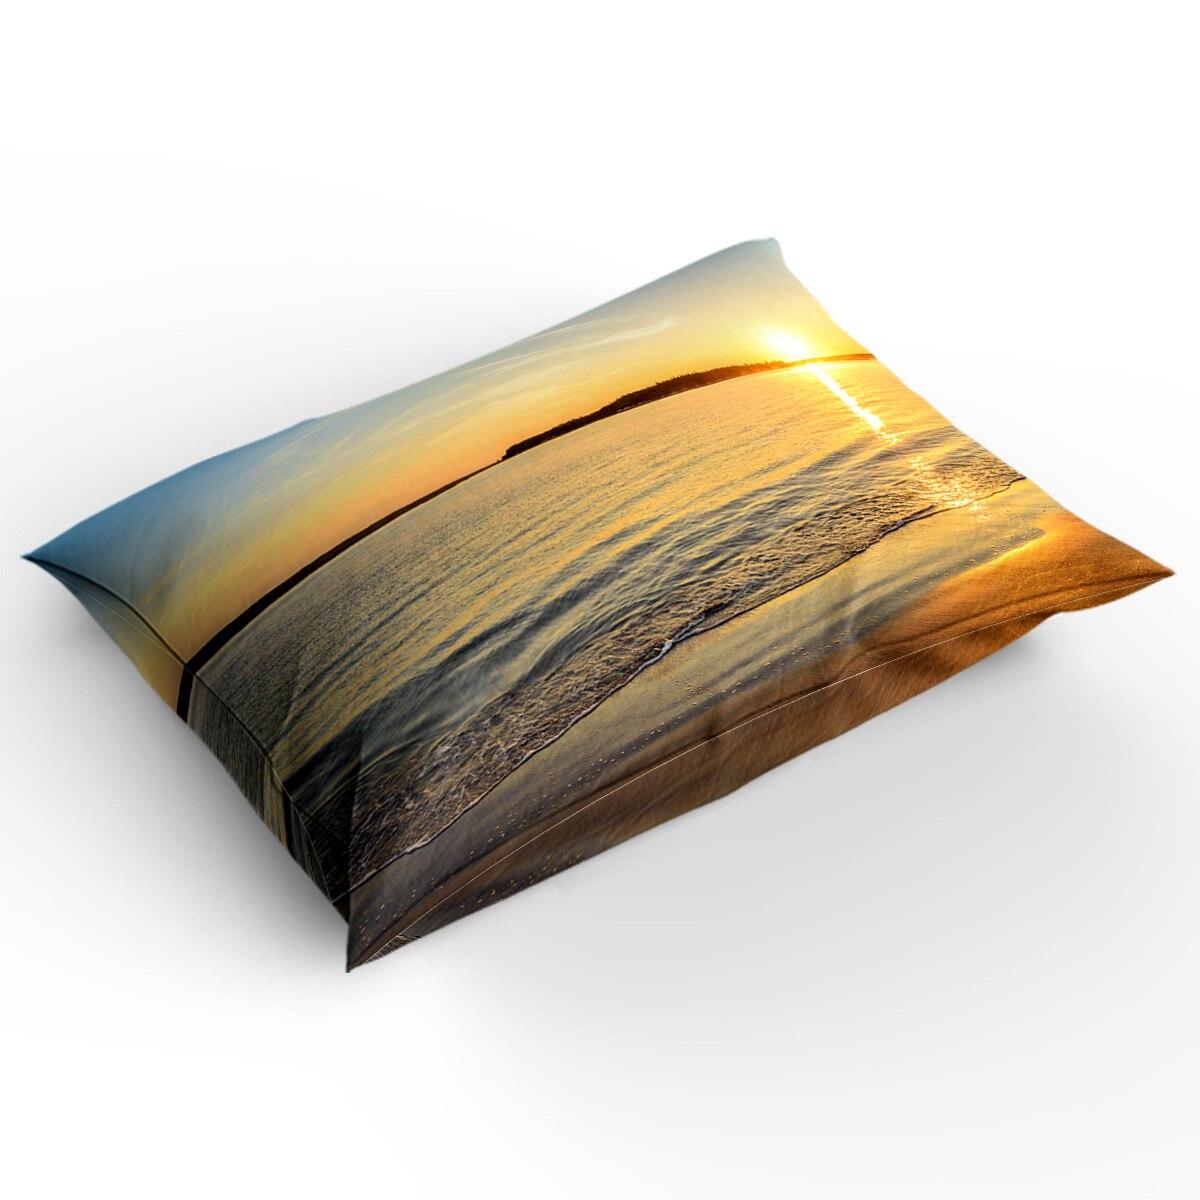 BIGHOUSES Bettbezug set Sunset meer landschaft strand wasser horizon natur landschaft Duvet Abdeckung 4 Stück Bettwäsche Set - 2